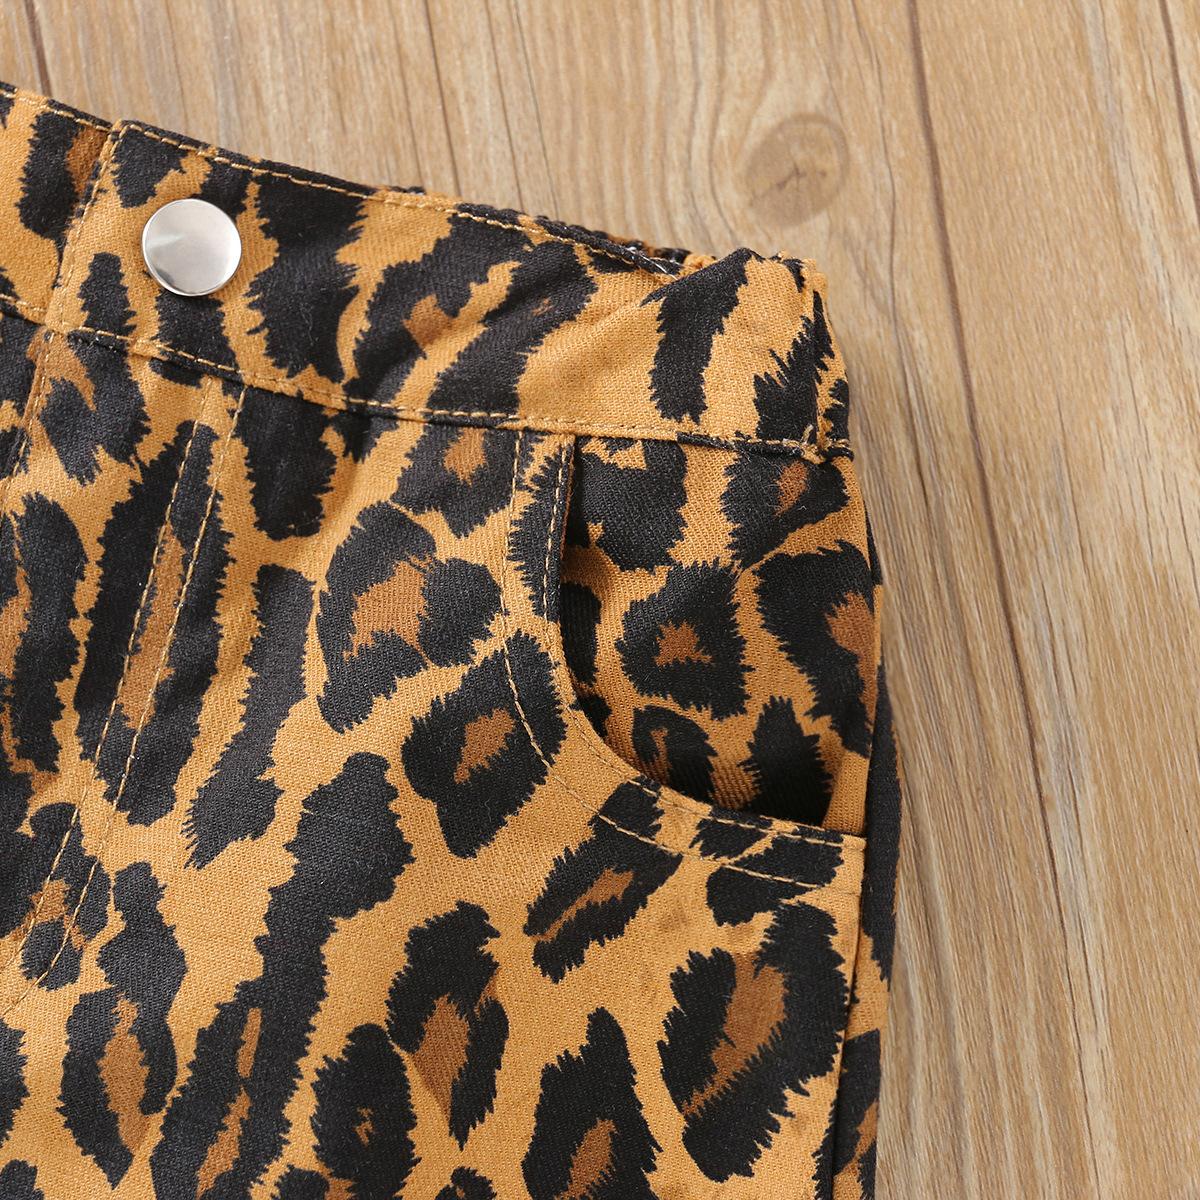 LW COTTON Girl Leopard Print Flounce Design Two Piece Skirt Set